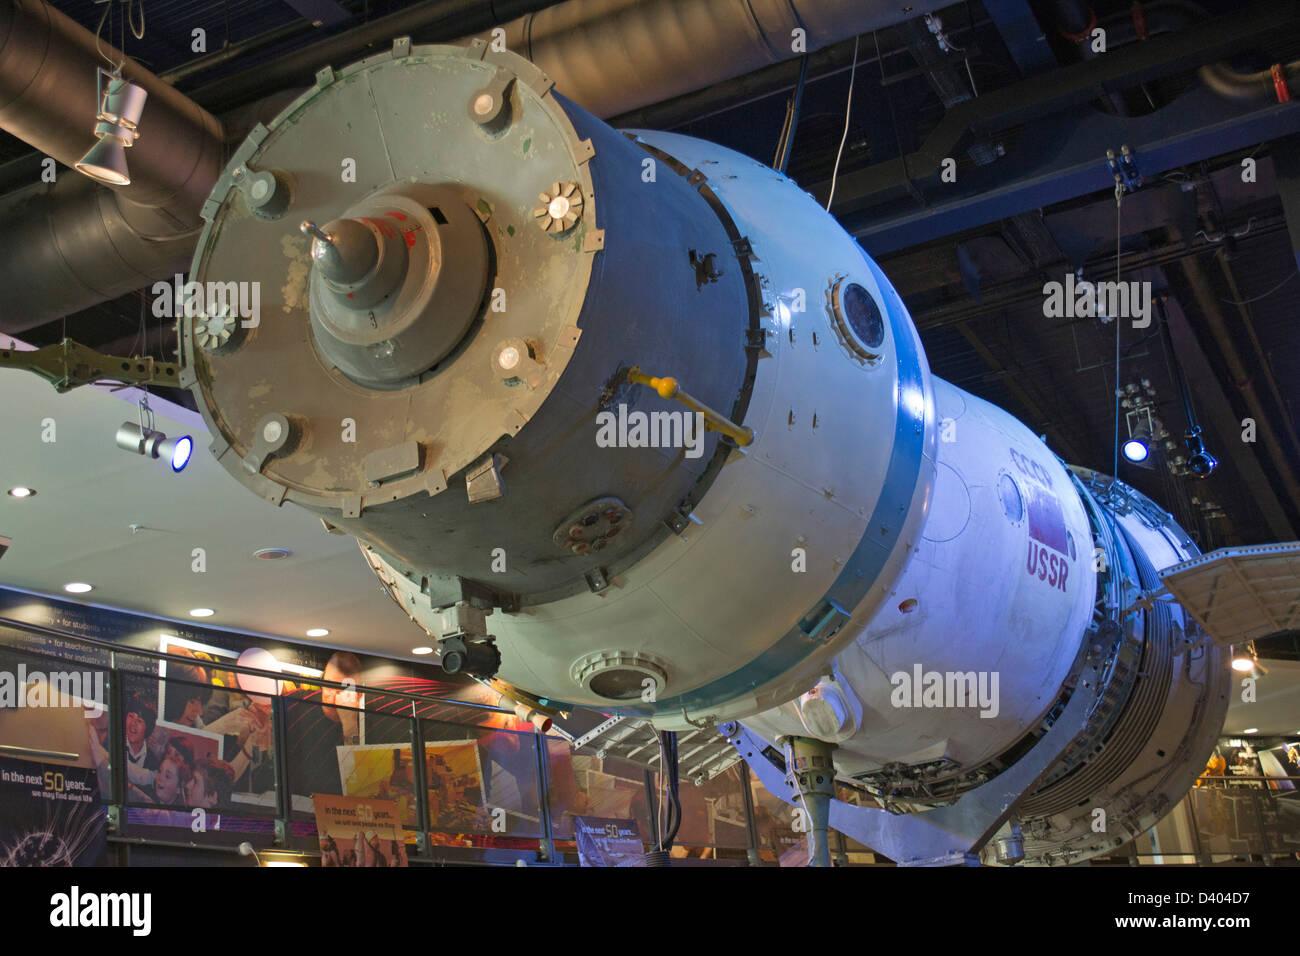 apollo space centre leicester - photo #5